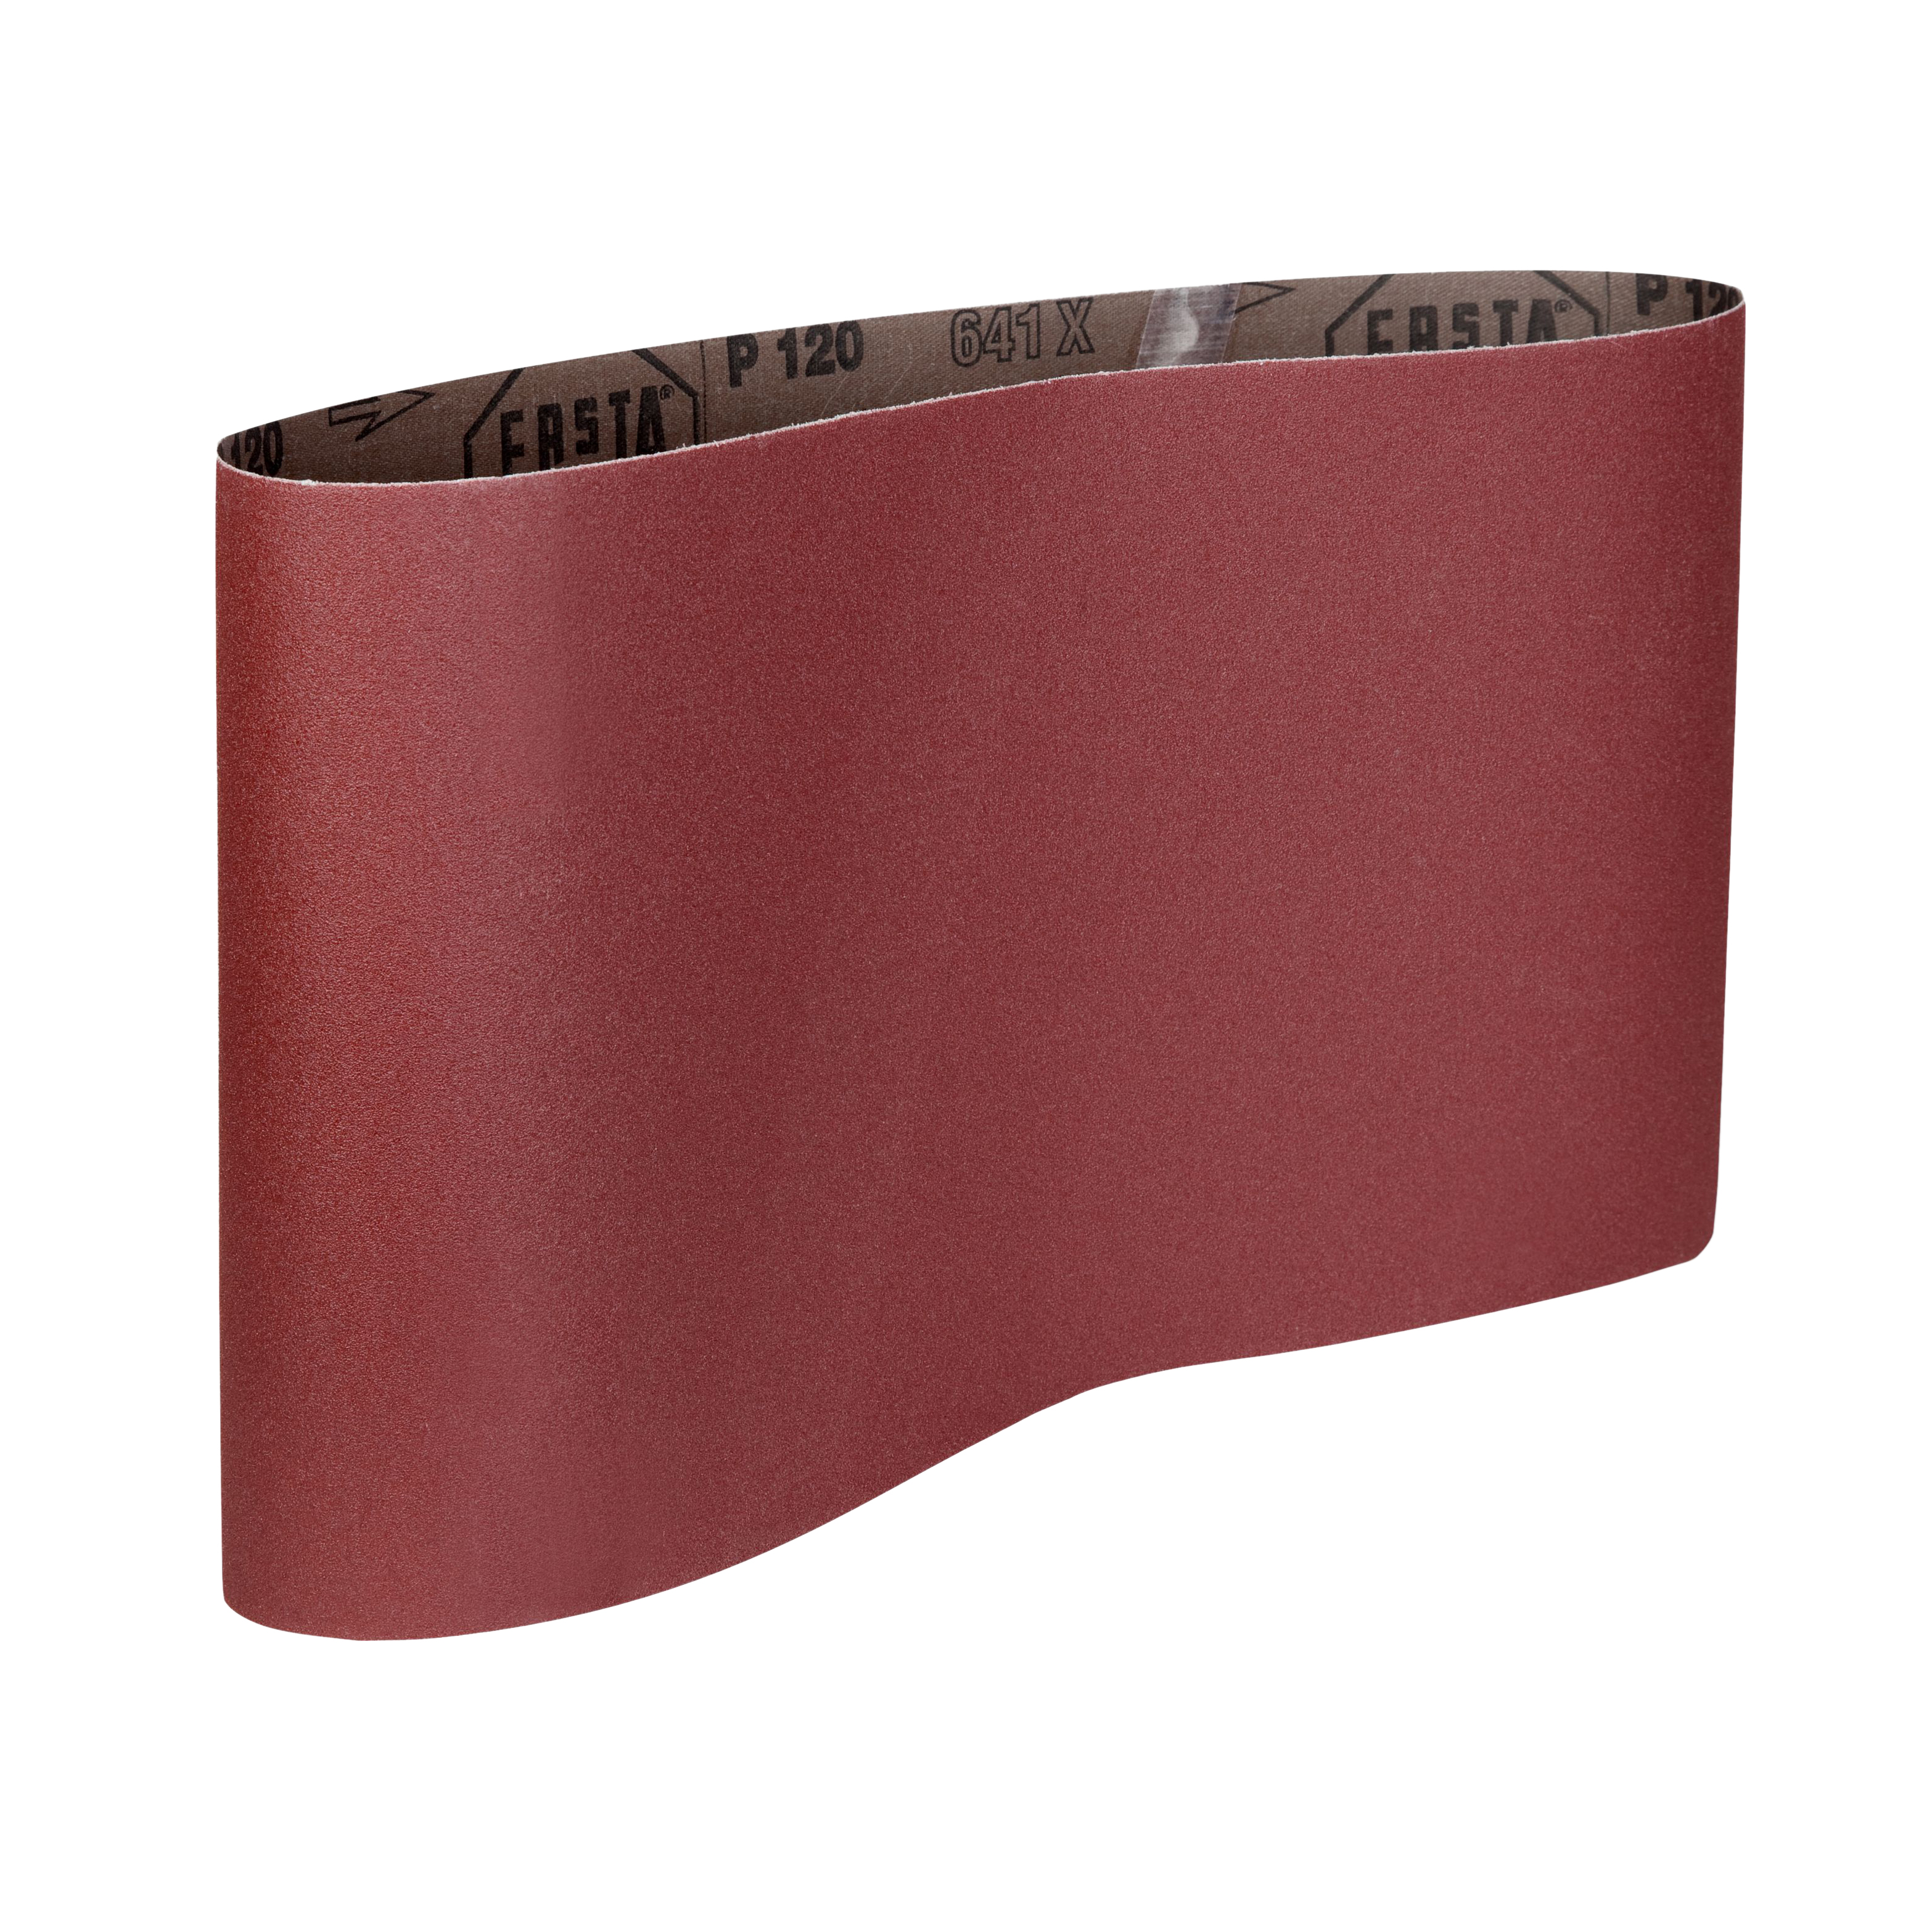 K 120 PARAT Belts Schleifband 200x551mm